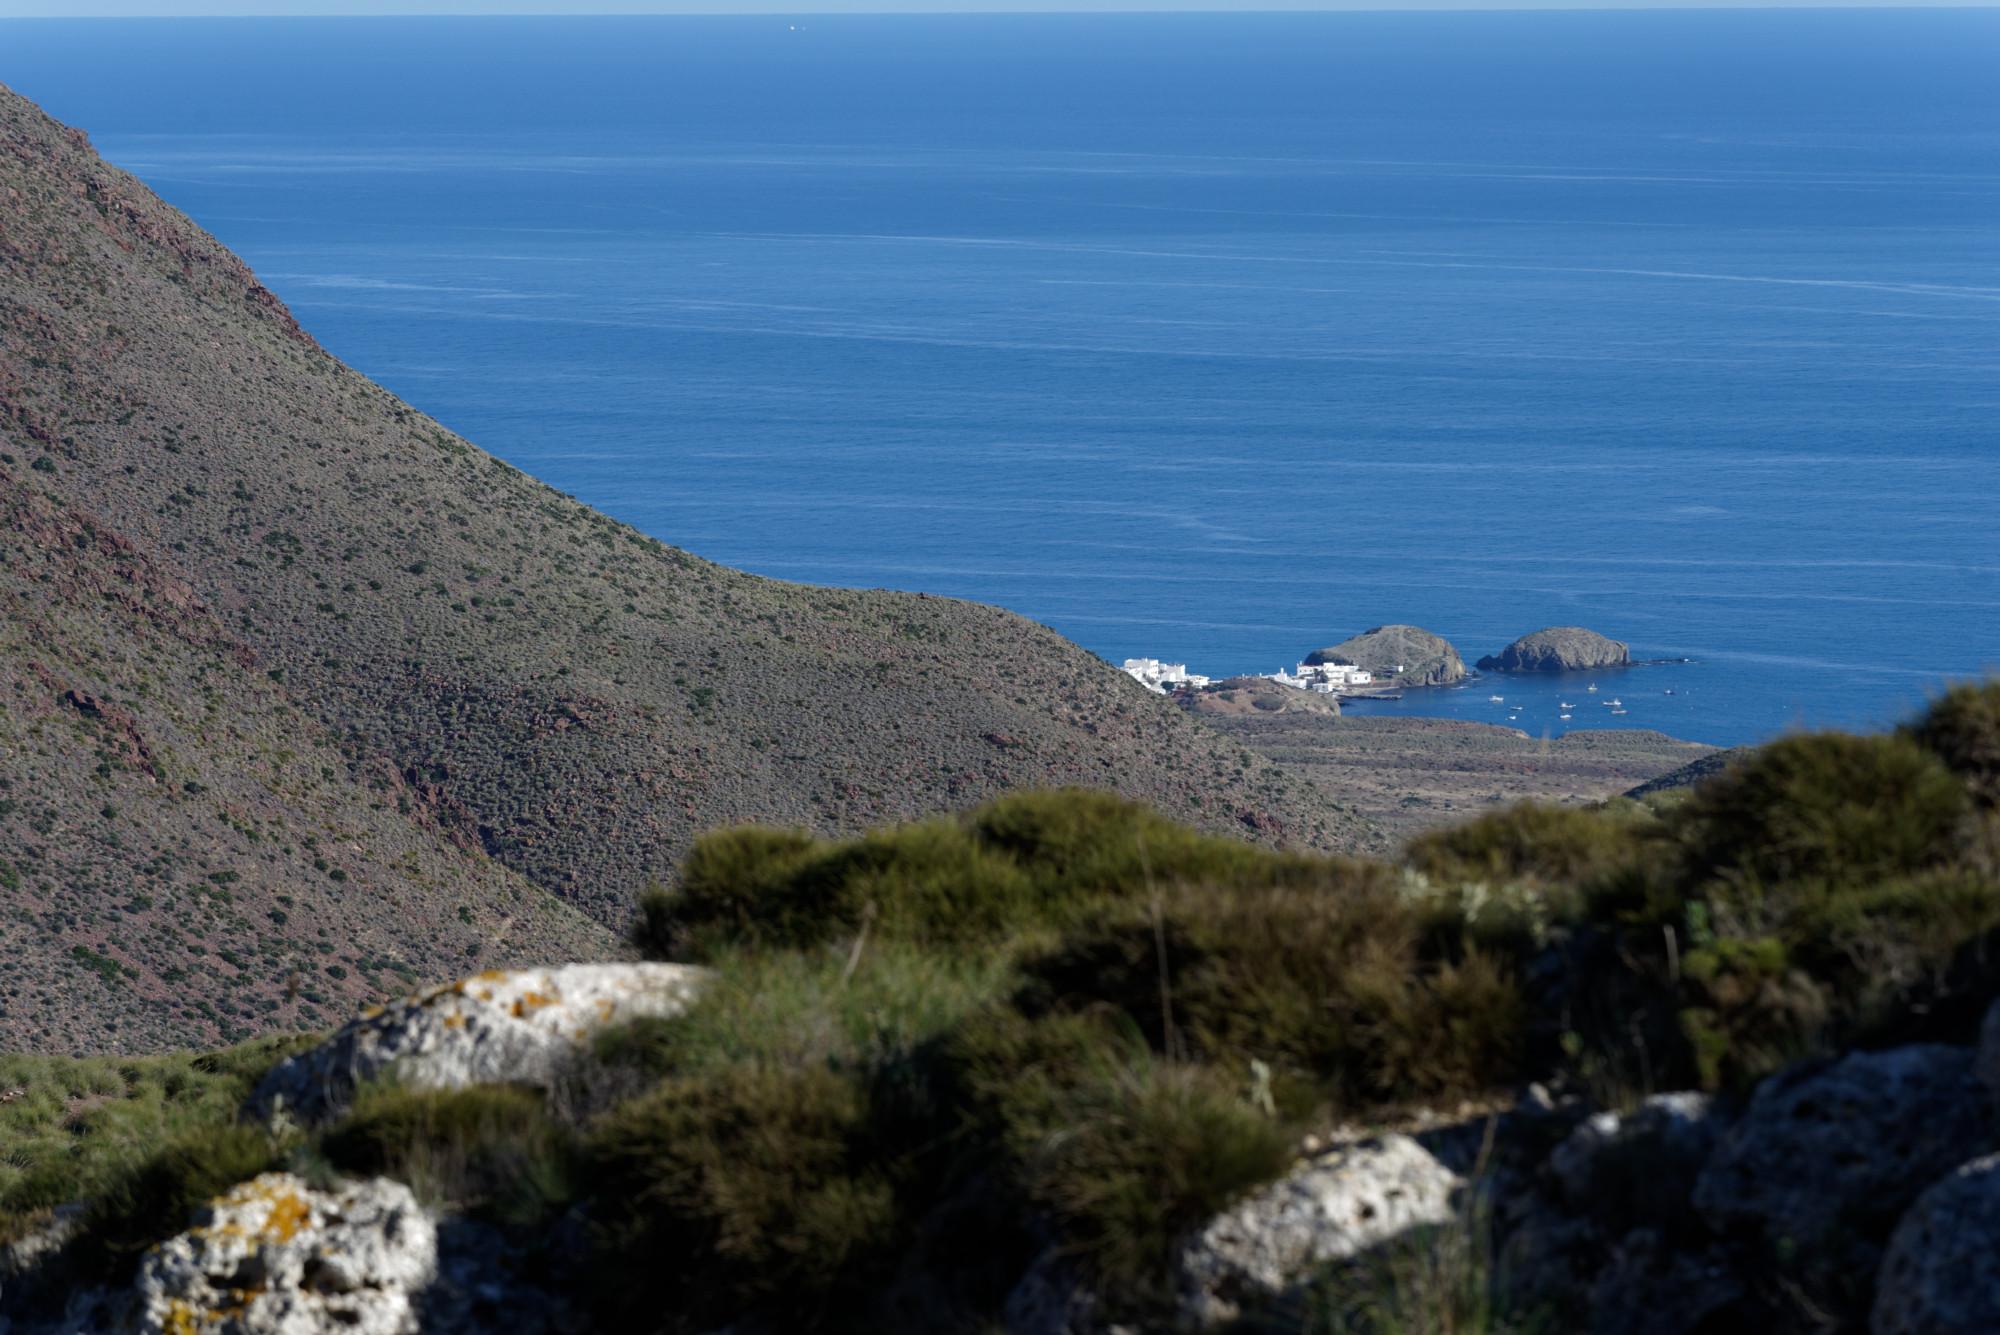 171212-Marche La Boca de los Frailes vers Cerro de Limones (59) (Cabo de Gata-Andalousie)